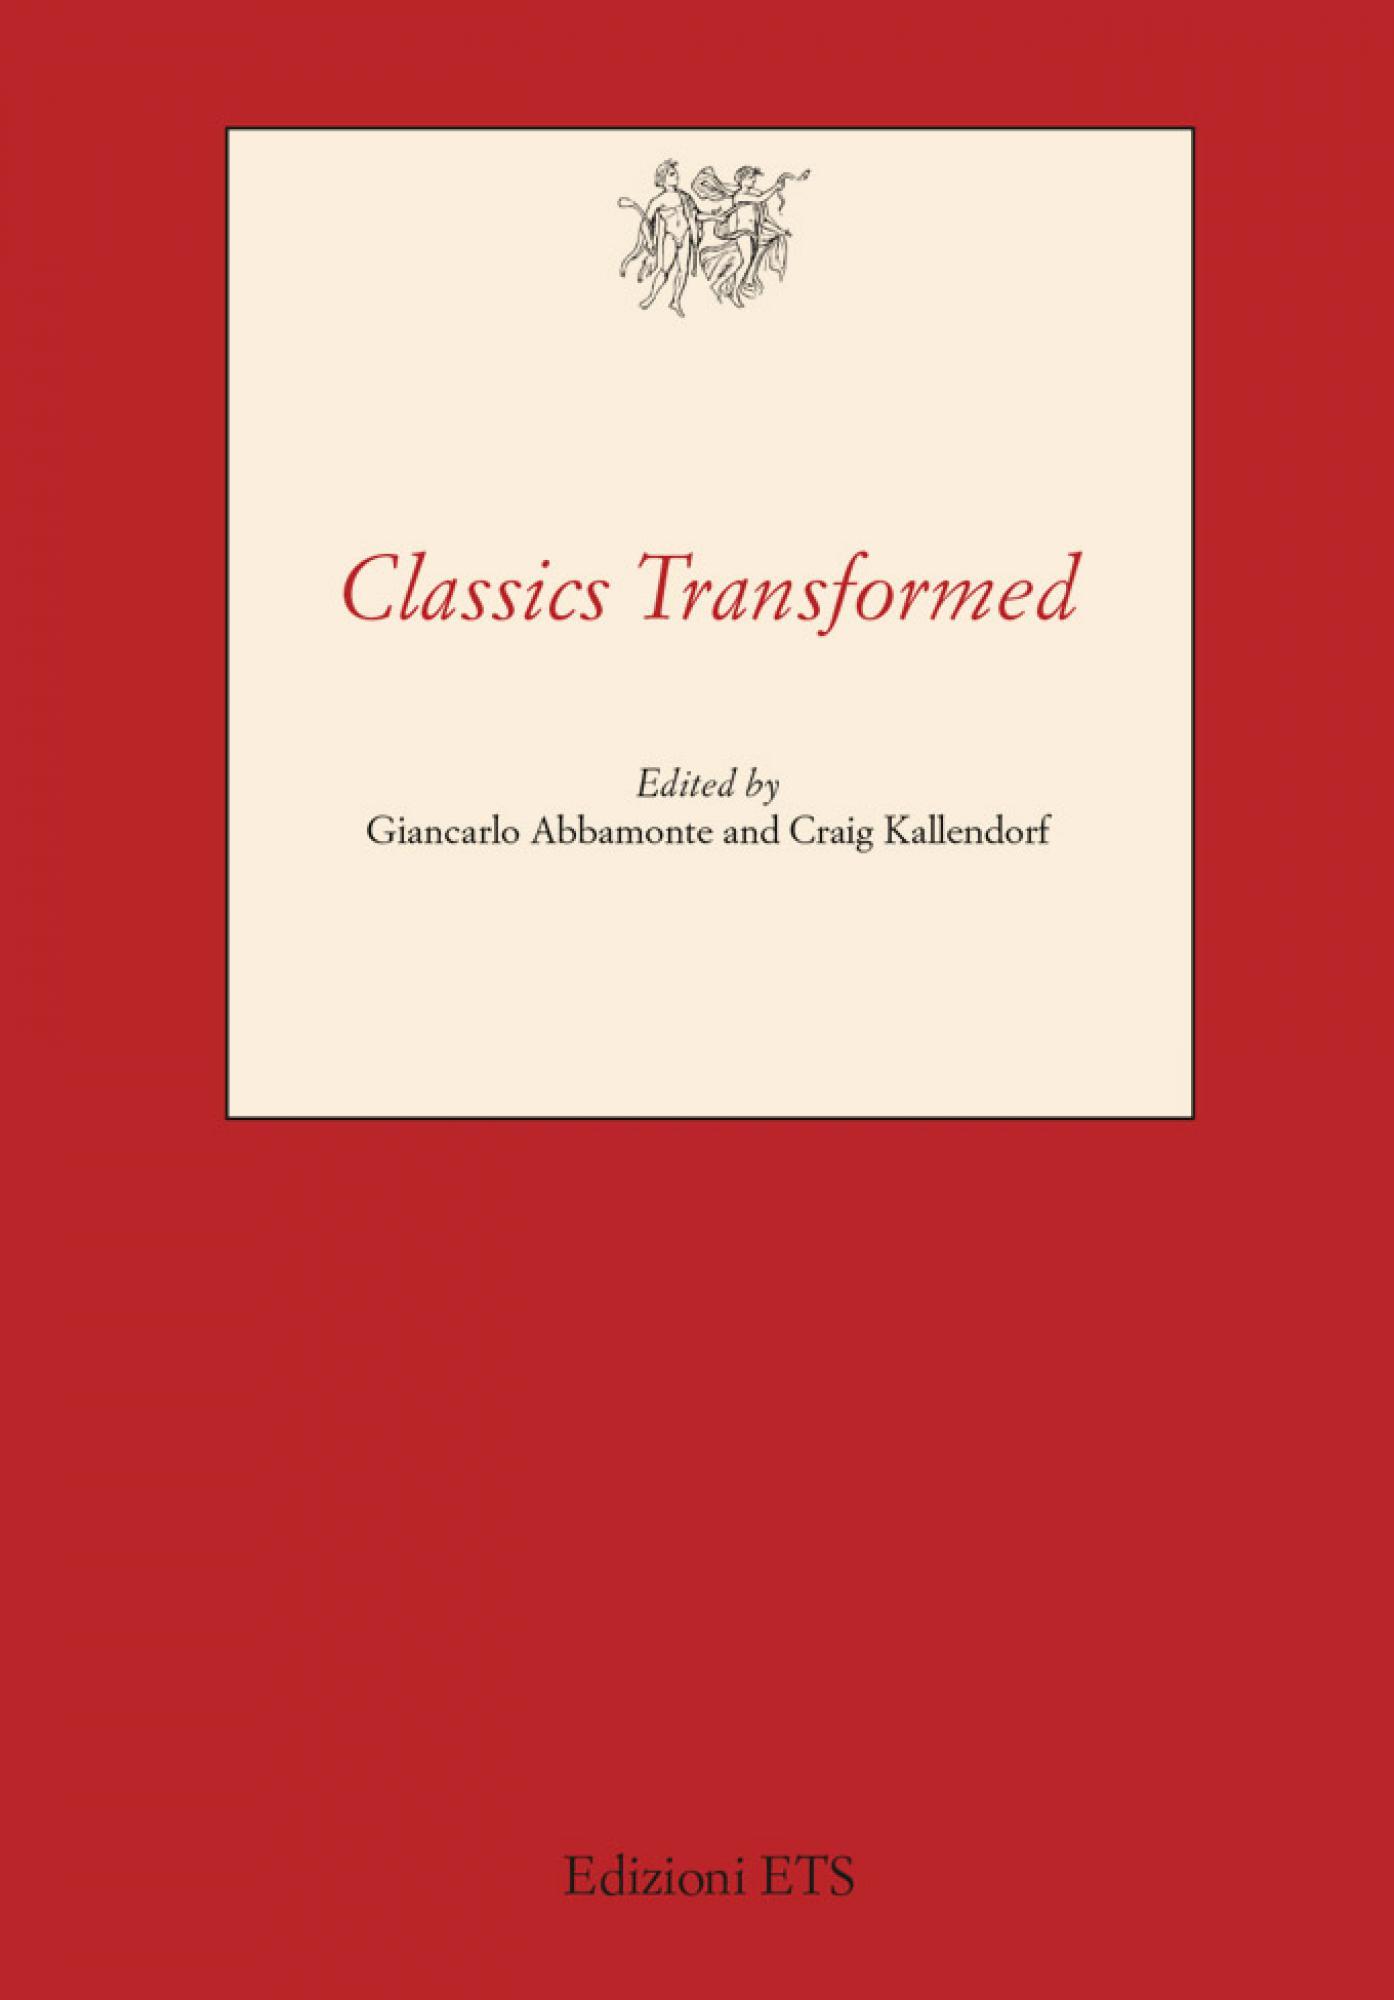 Classics Transformed